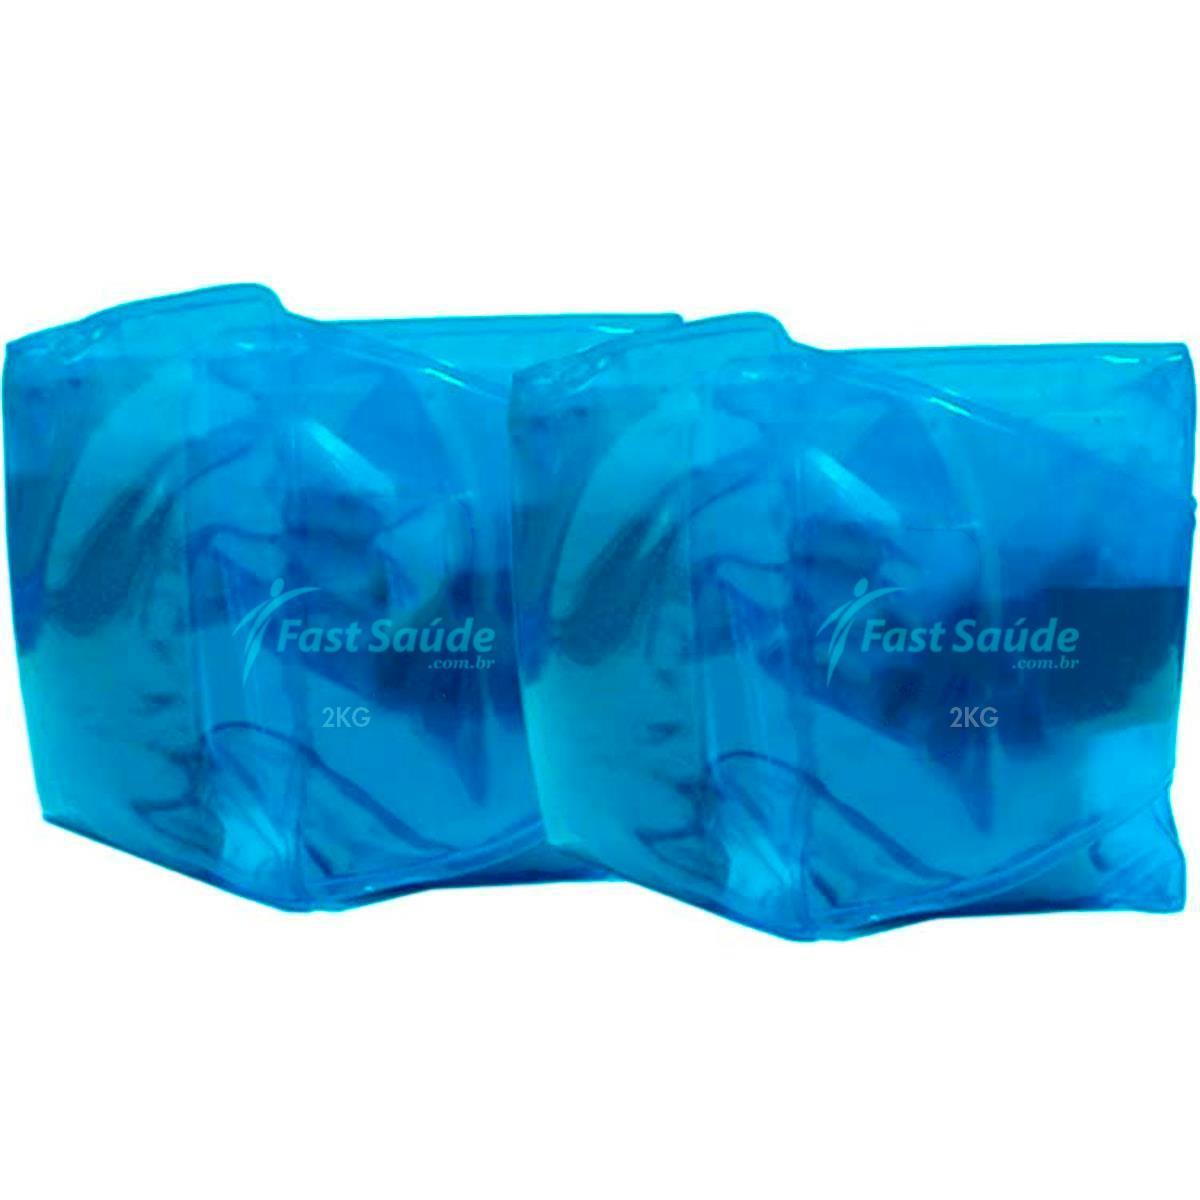 Tornozeleira Fast Saúde - Caneleira Multifuncional Flexível - Par - 2Kg